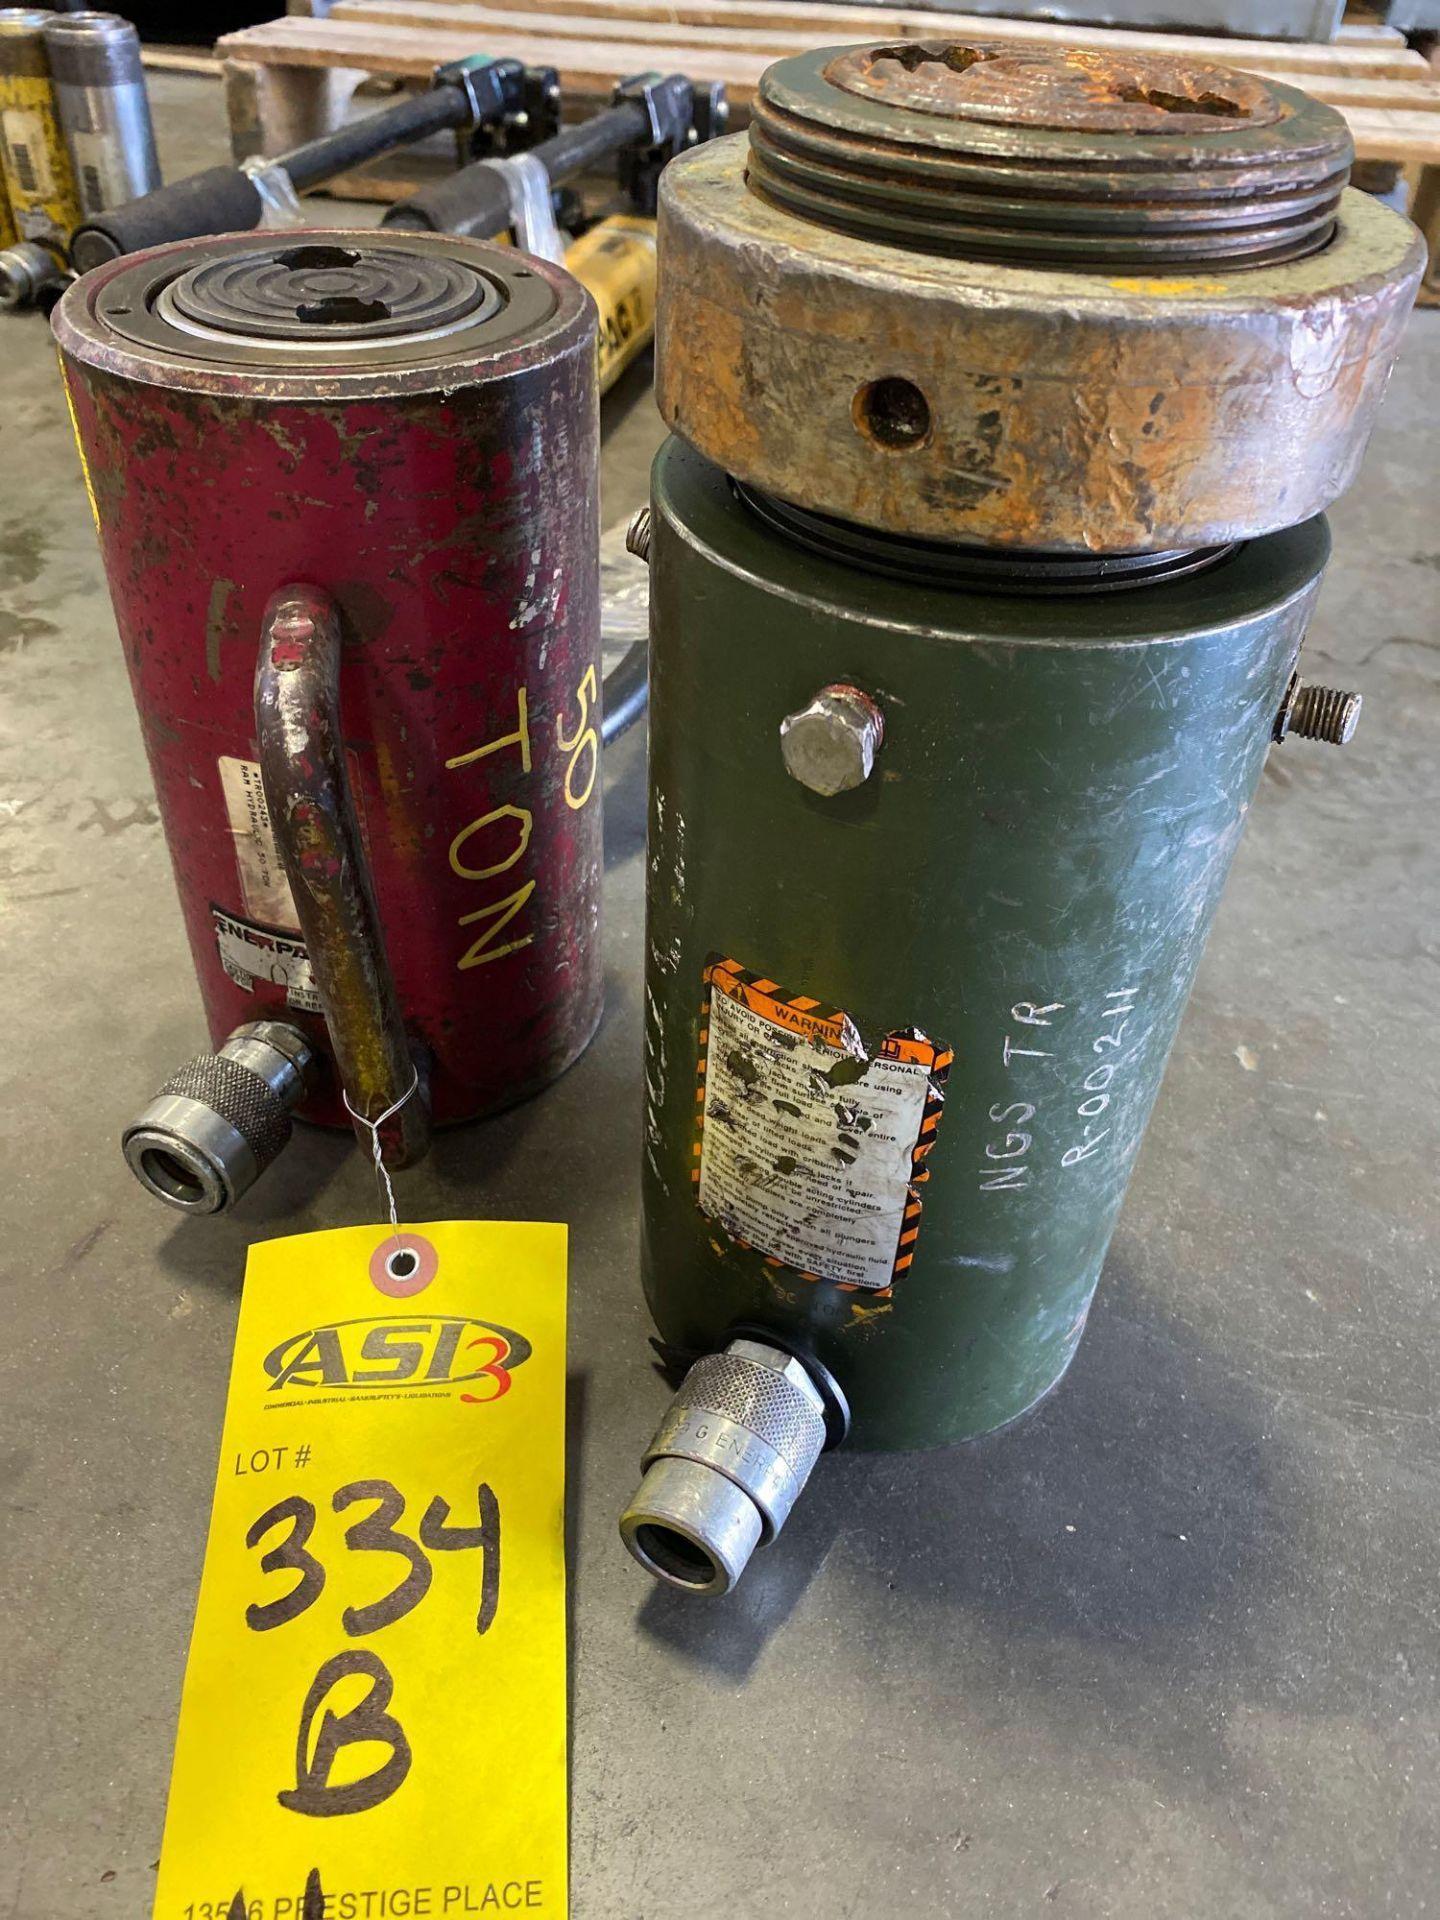 Lot 334B - 50 TON ENERPAC HYDRAULIC CYLINDERS